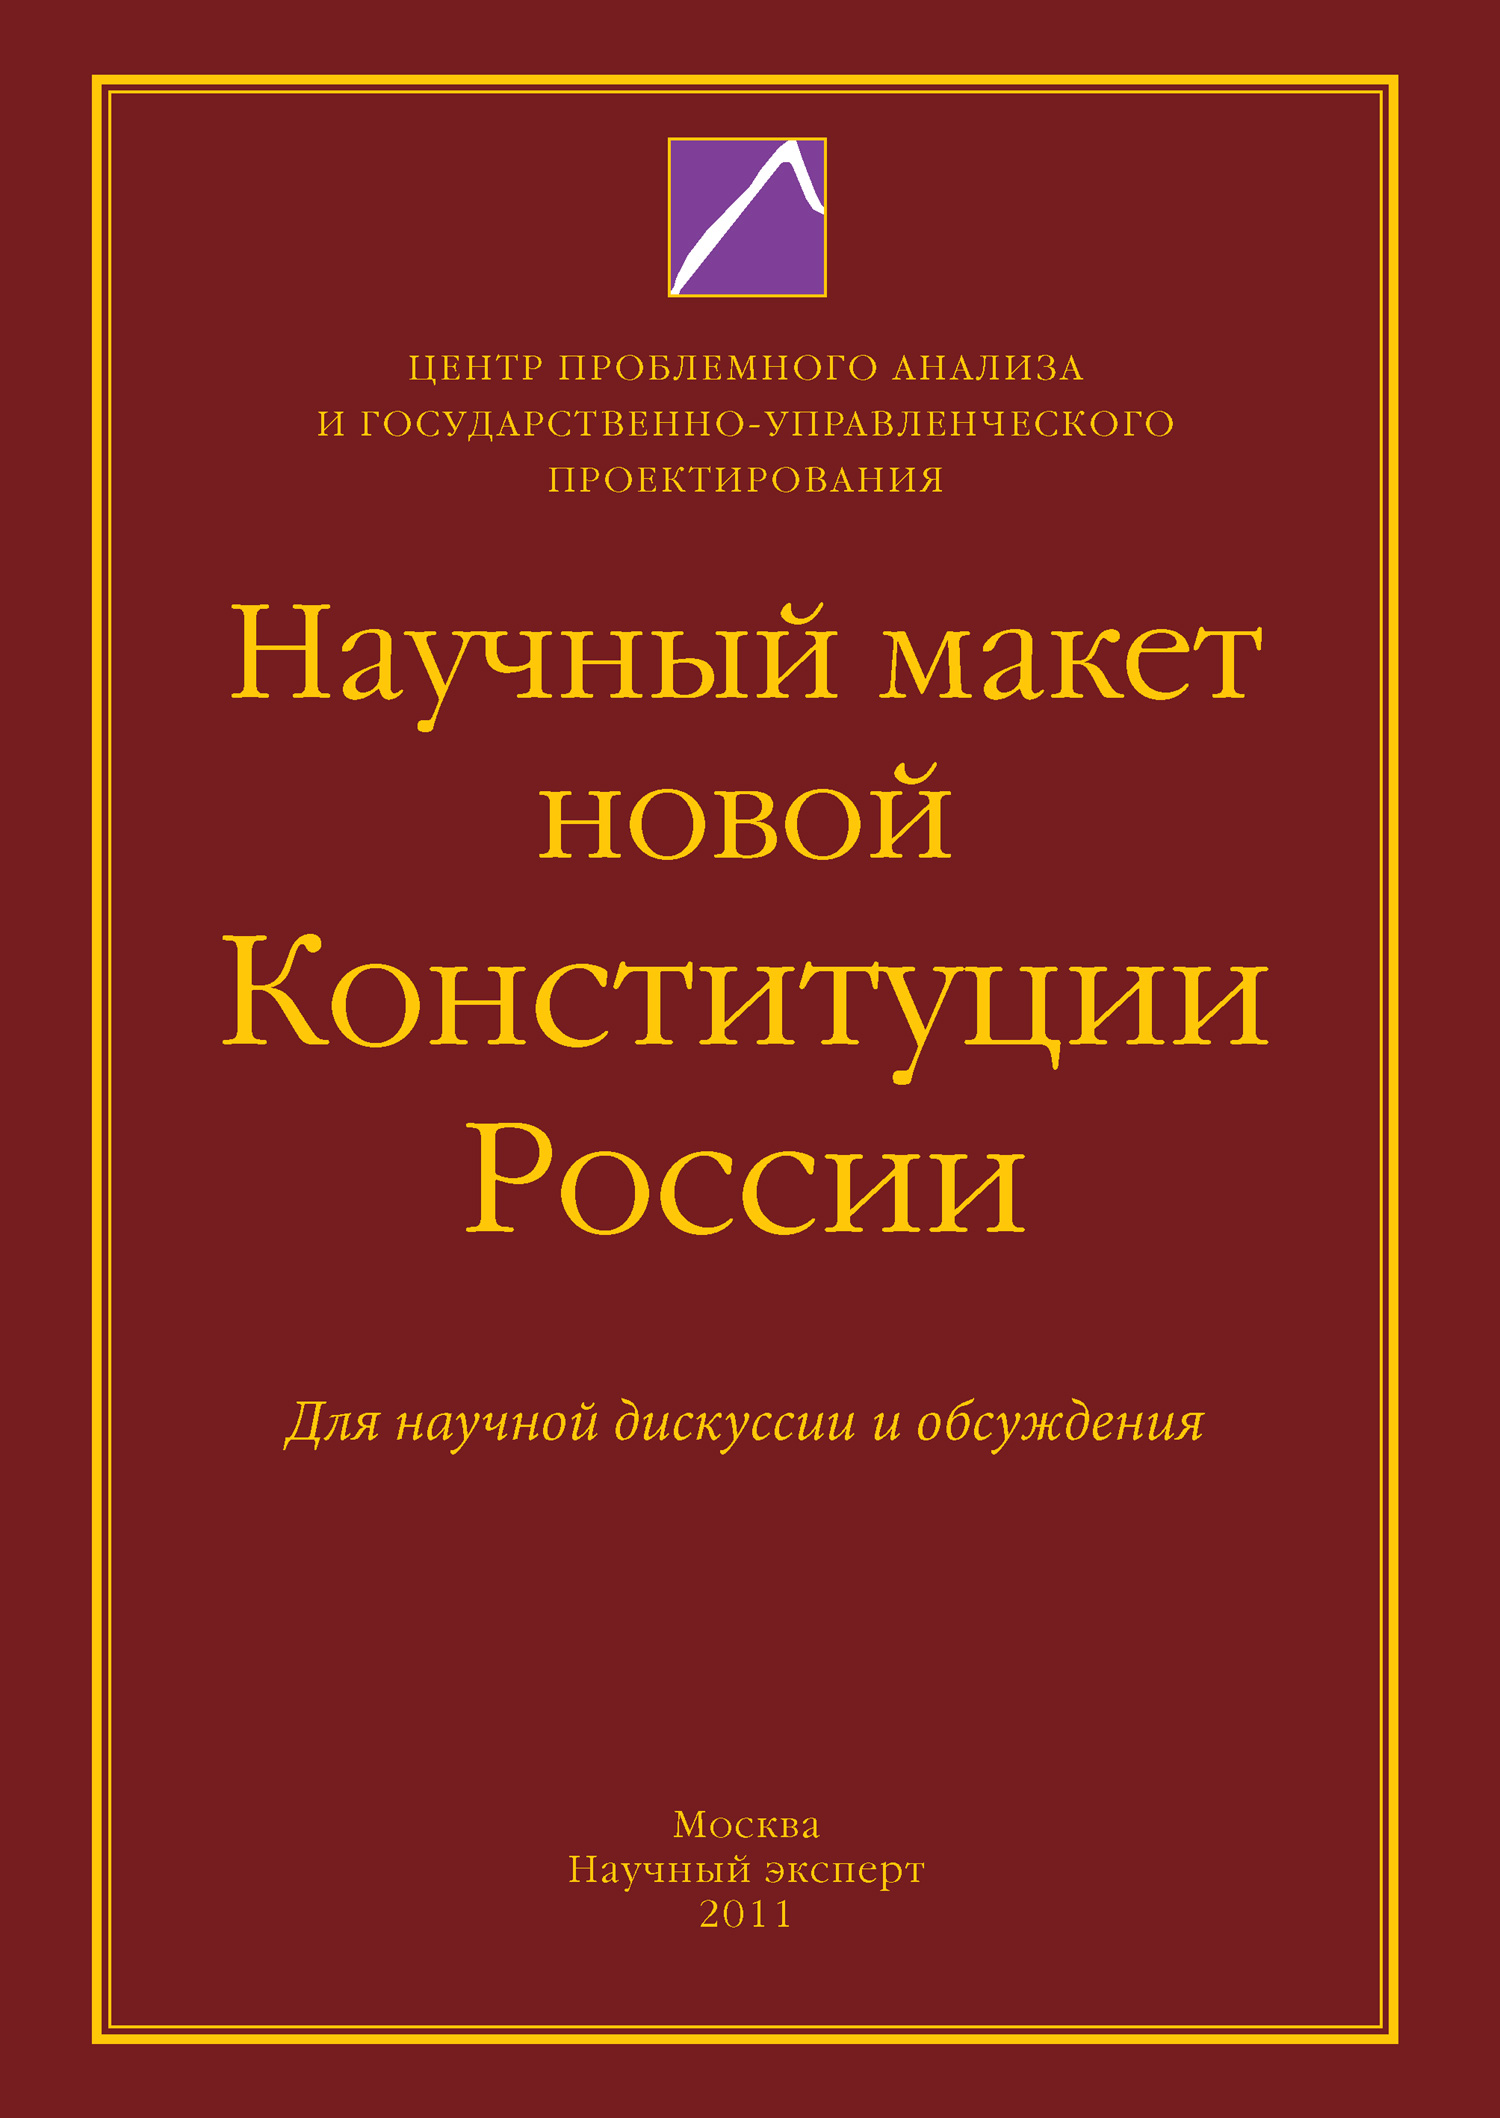 Научный макет новой Конституции России